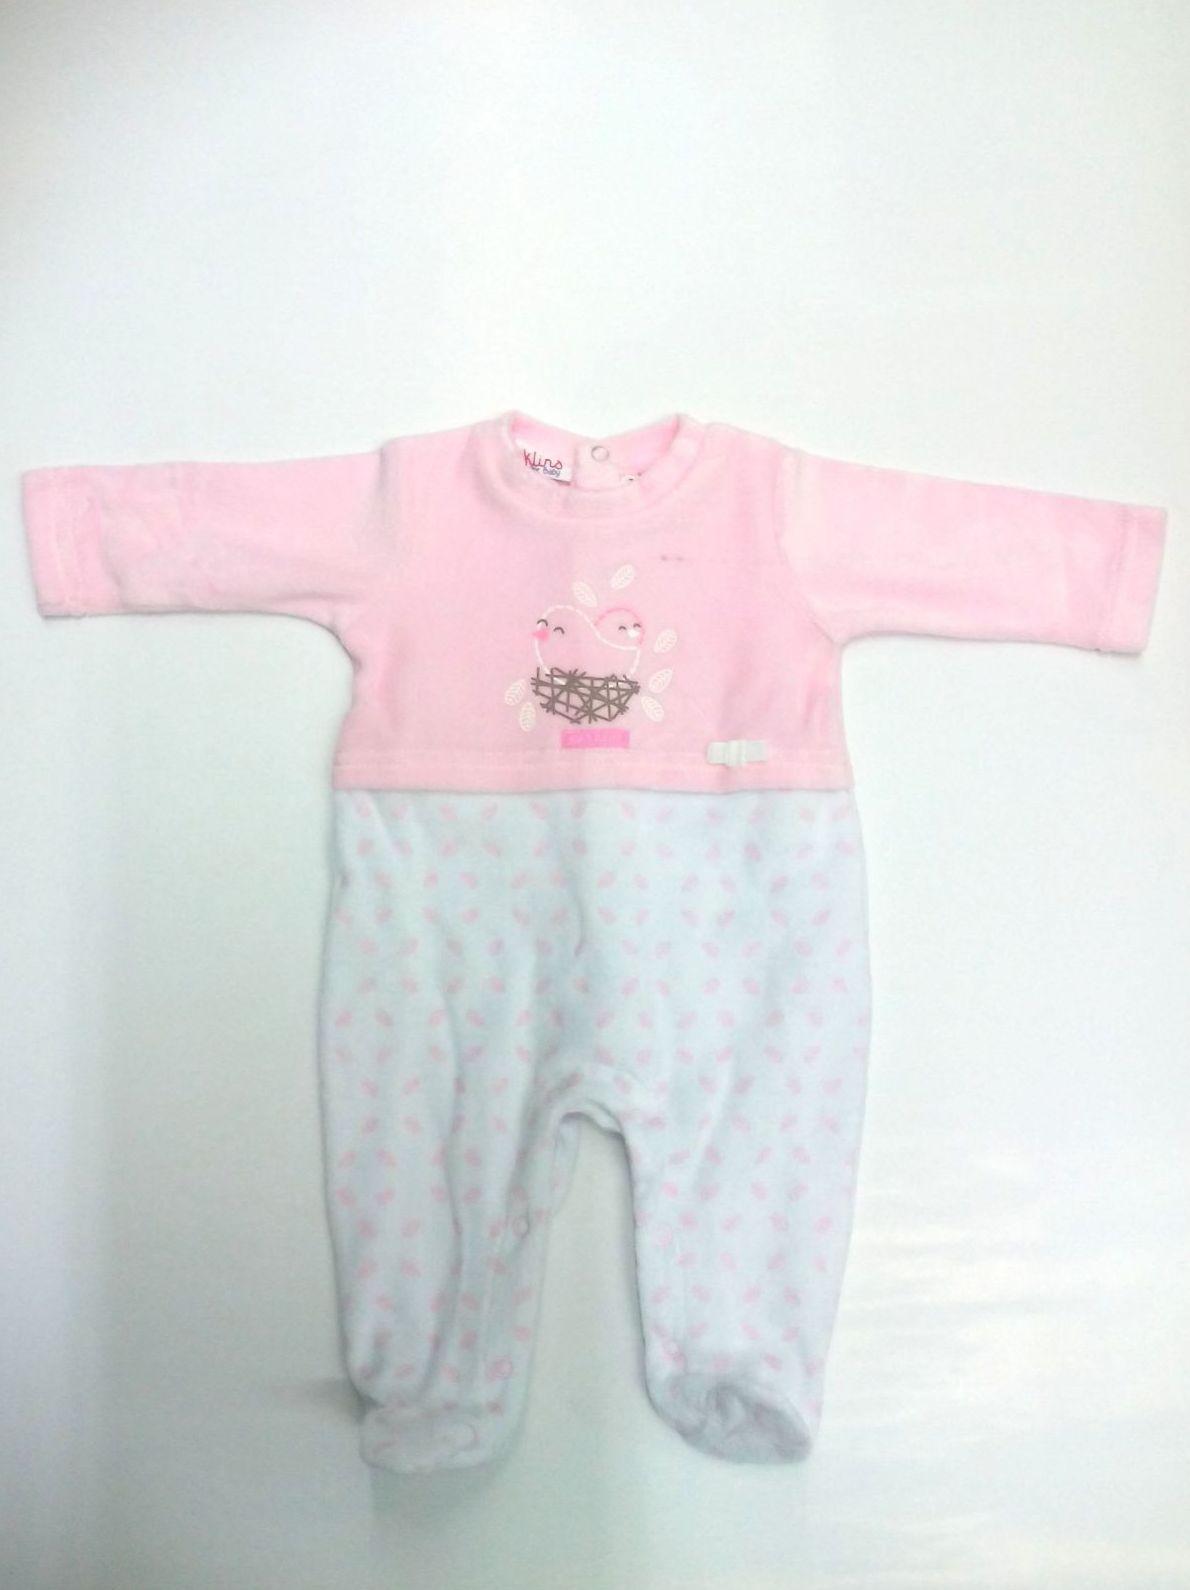 Pijama bebé rosa de Klins